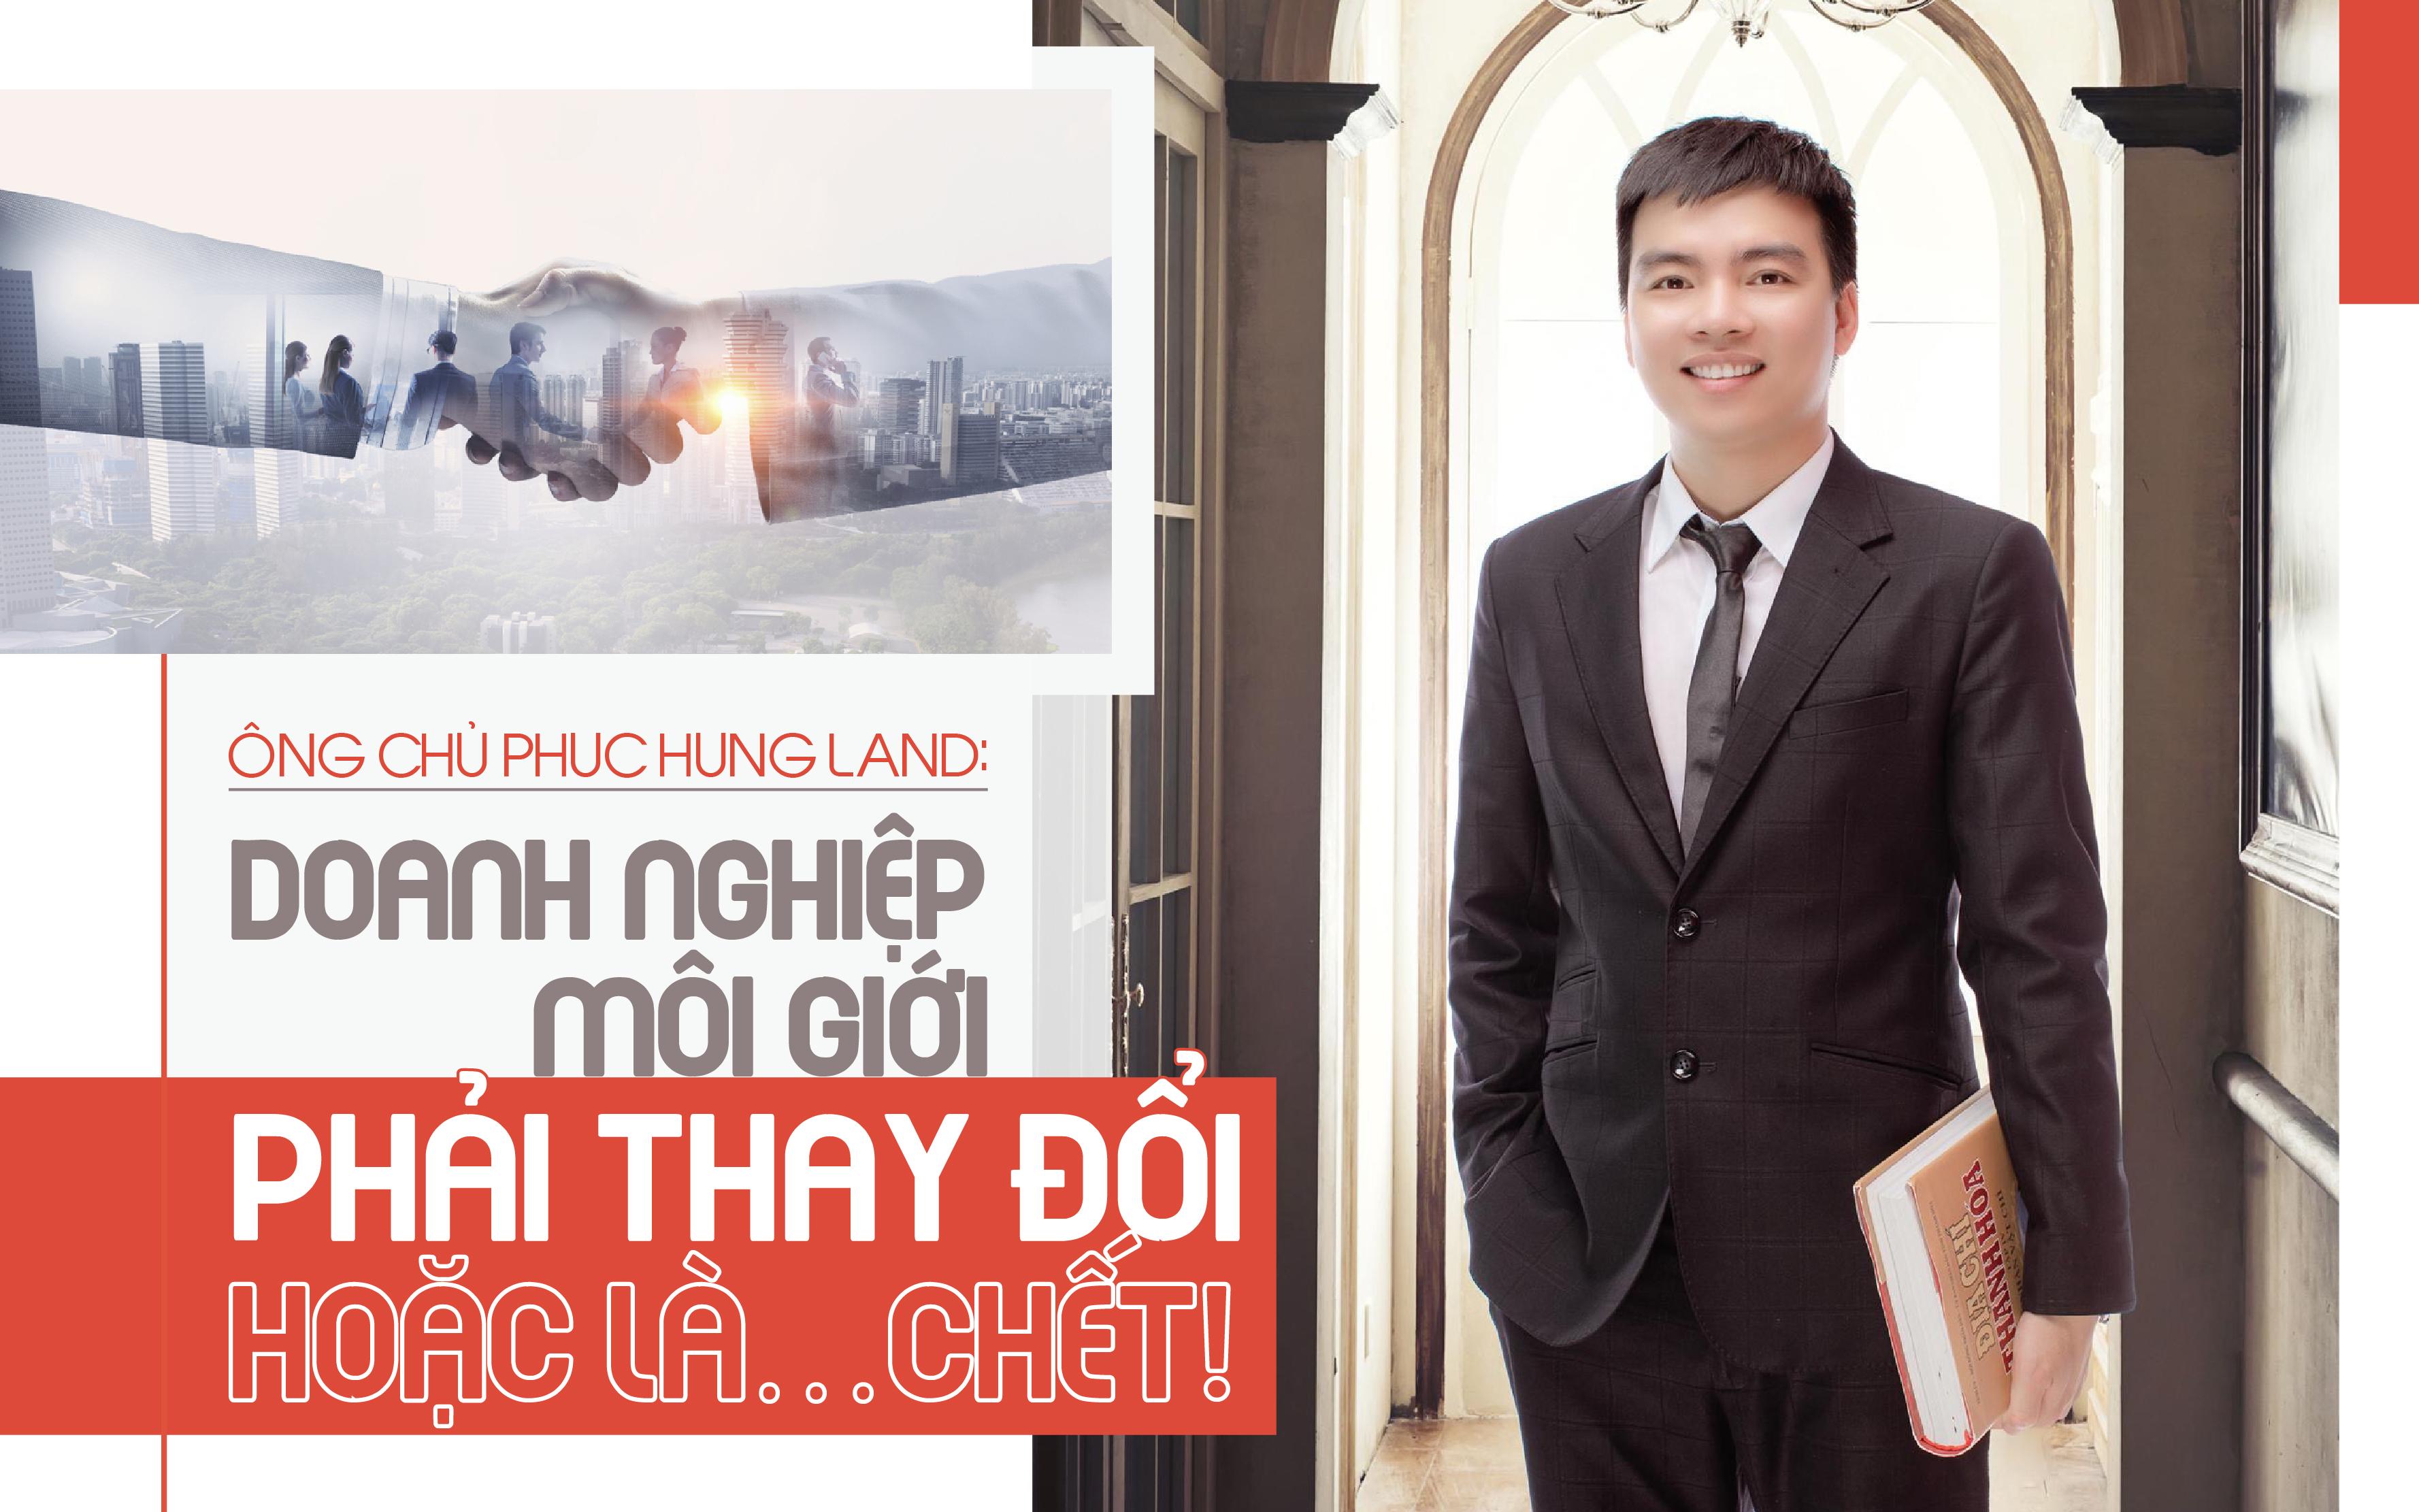 """Ông chủ Phuc Hung Land: """"Doanh nghiệp môi giới phải thay đổi hoặc là… chết!"""""""